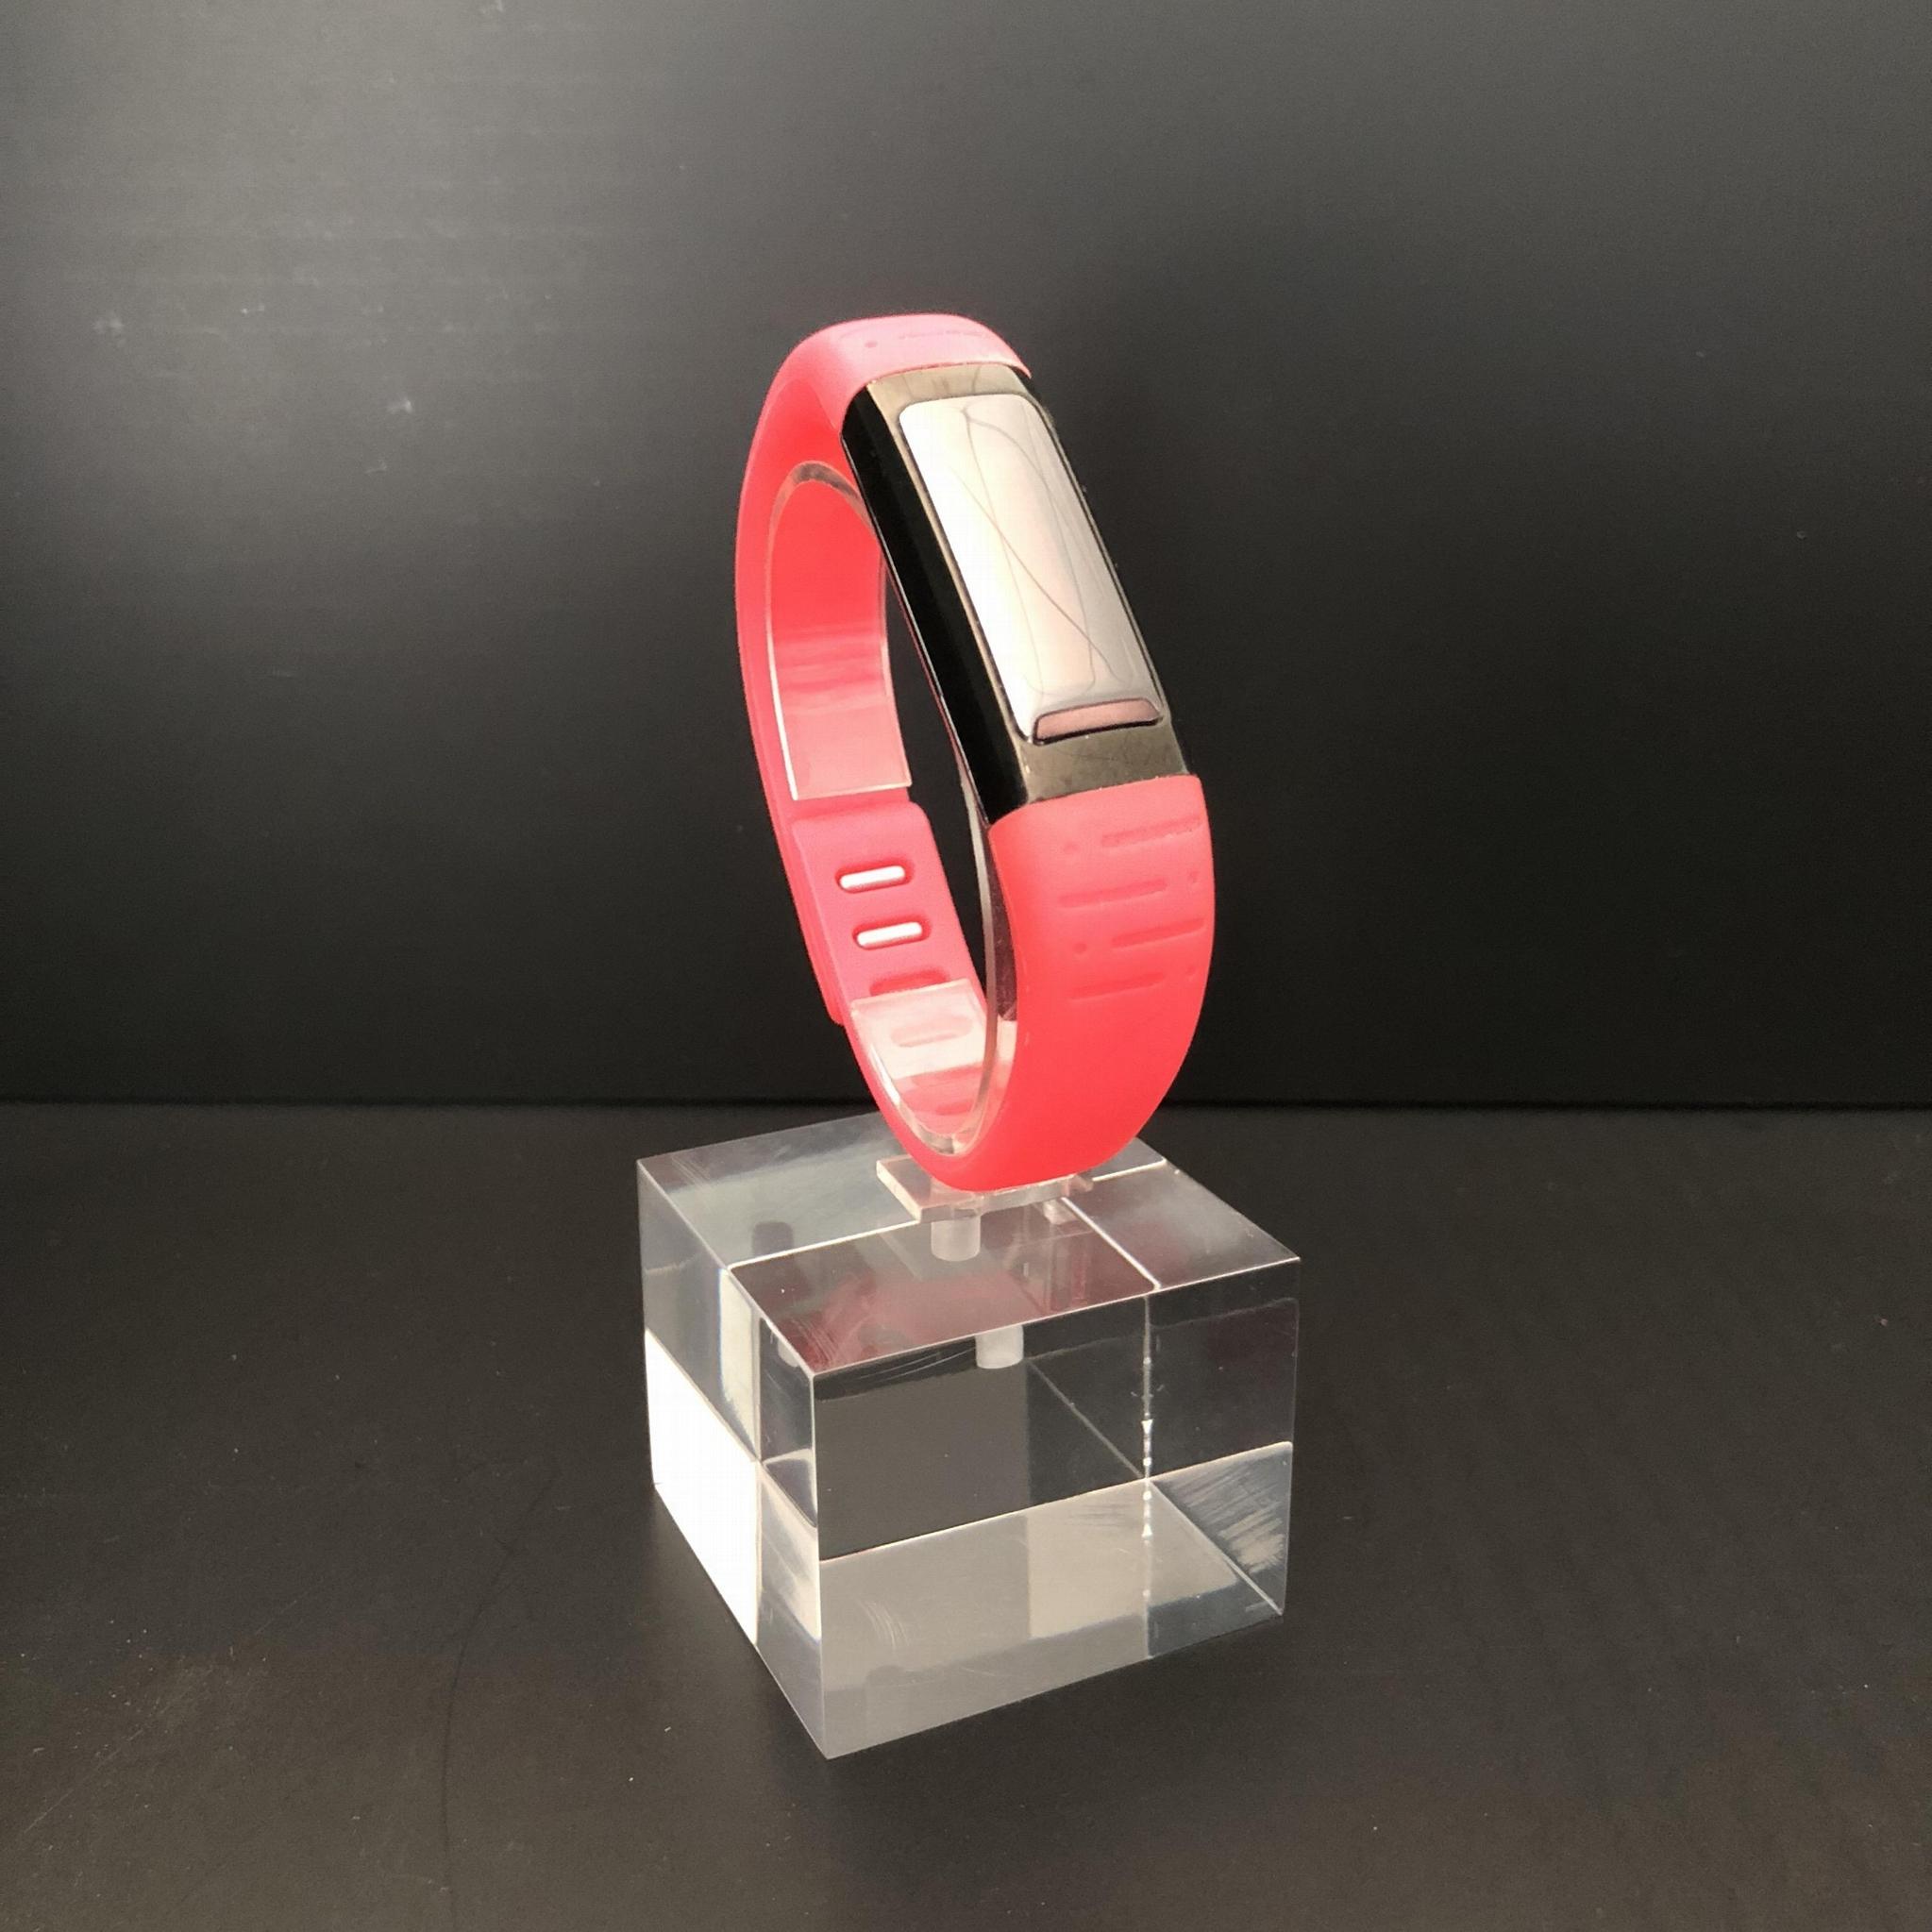 手表展示架,手表陈列展示,手表陈列架,手表落地展示架,手表商品陈列架